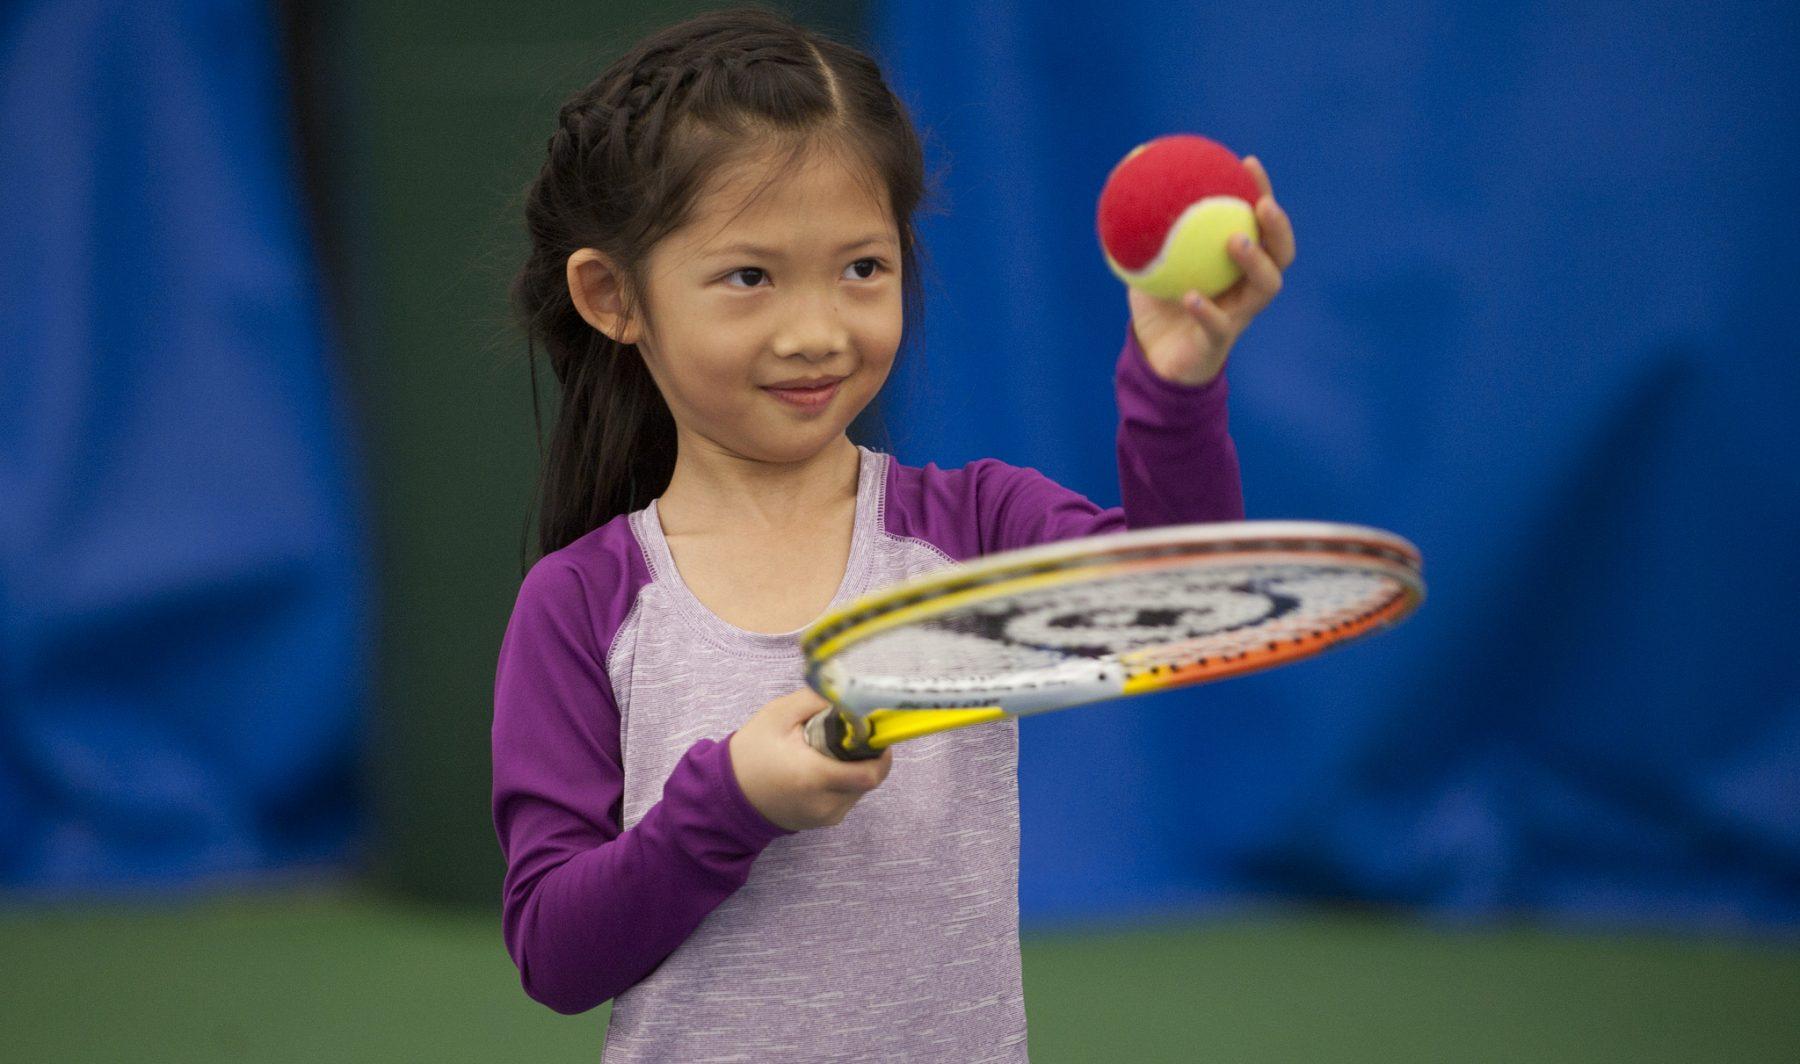 Tennis (Indoor Facilities)